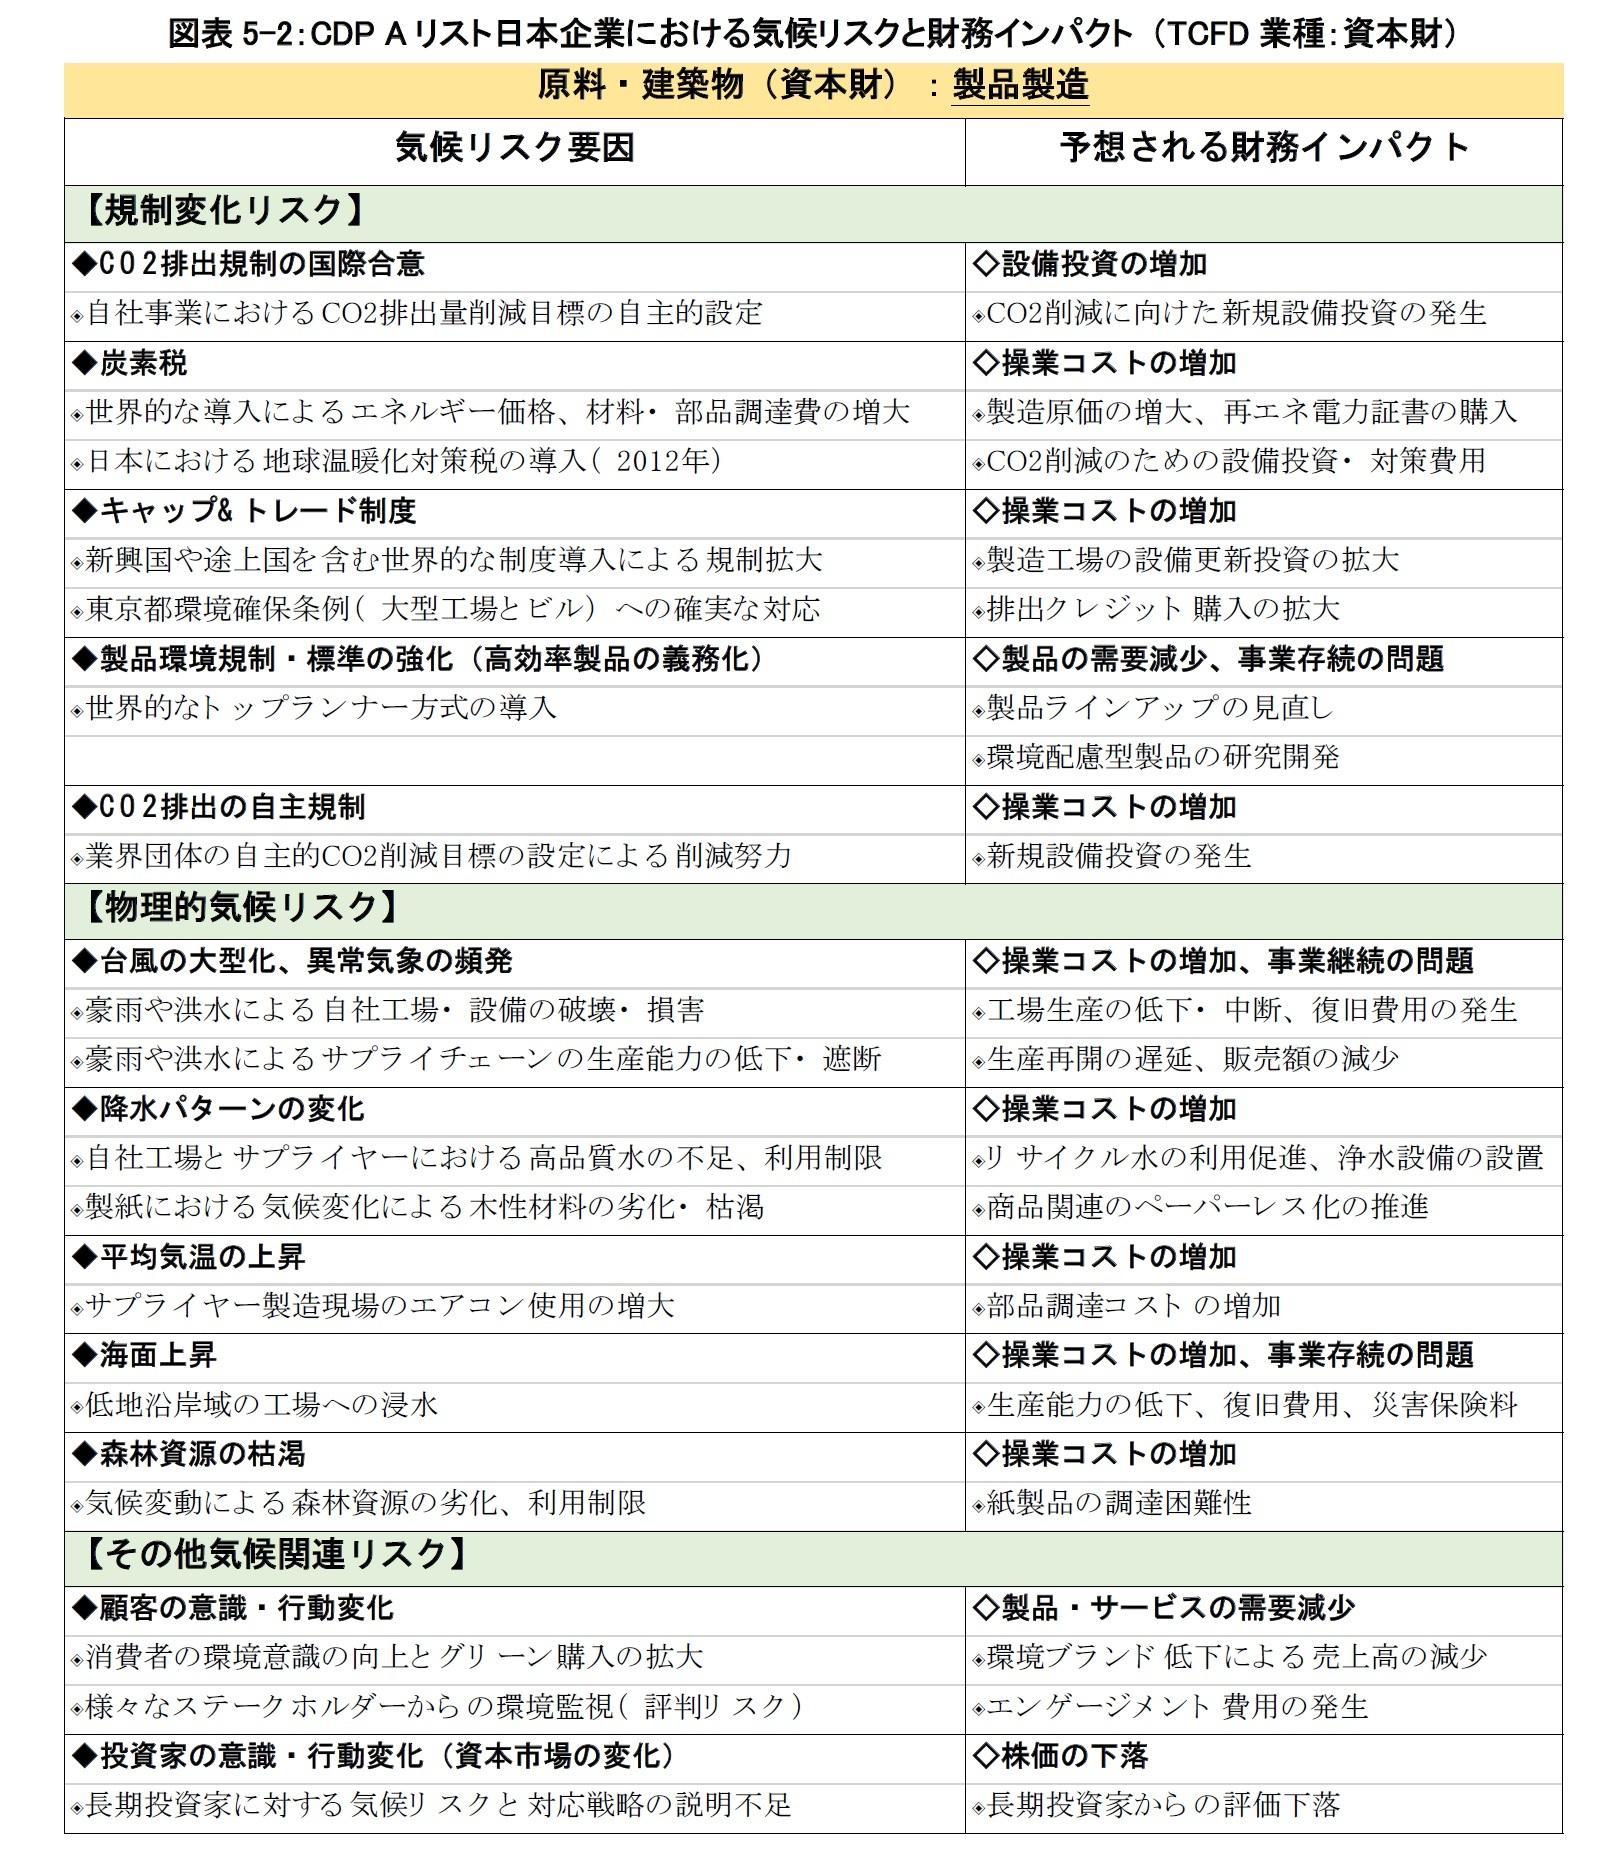 図表5-2:CDP Aリスト日本企業における気候リスクと財務インパクト (TCFD業種:資本財)